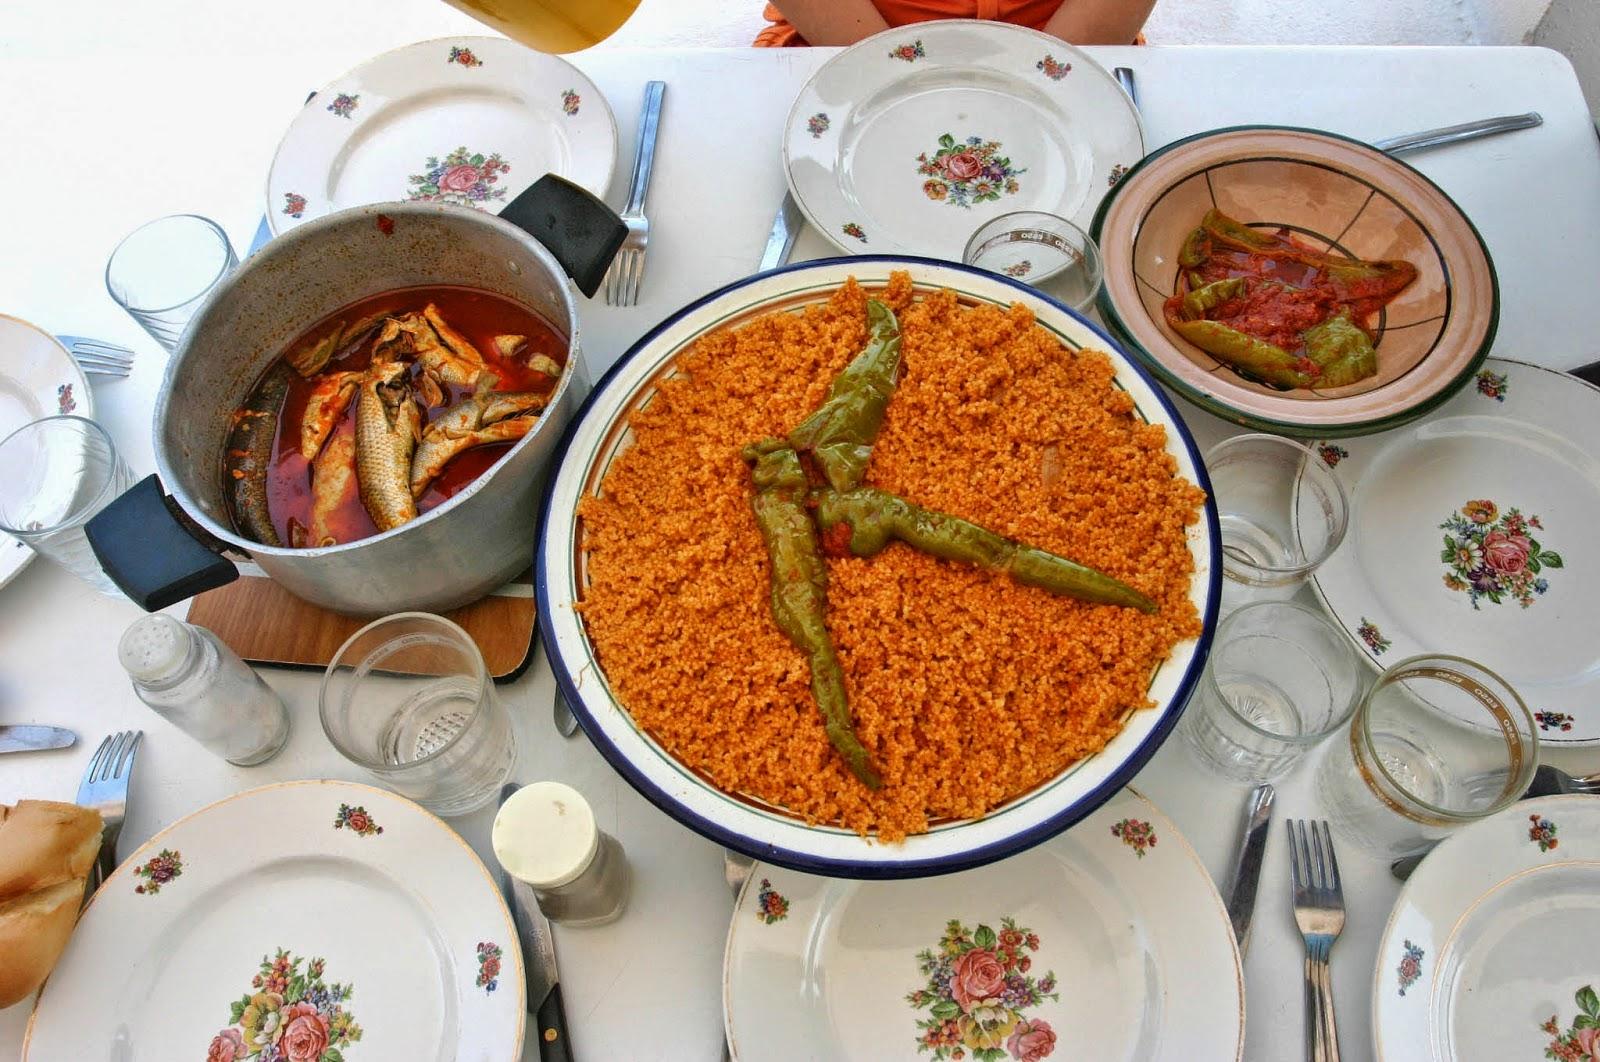 Recette de couscous sfaxienne au poisson cuisine tunisienne - Cuisine tunisienne poisson ...